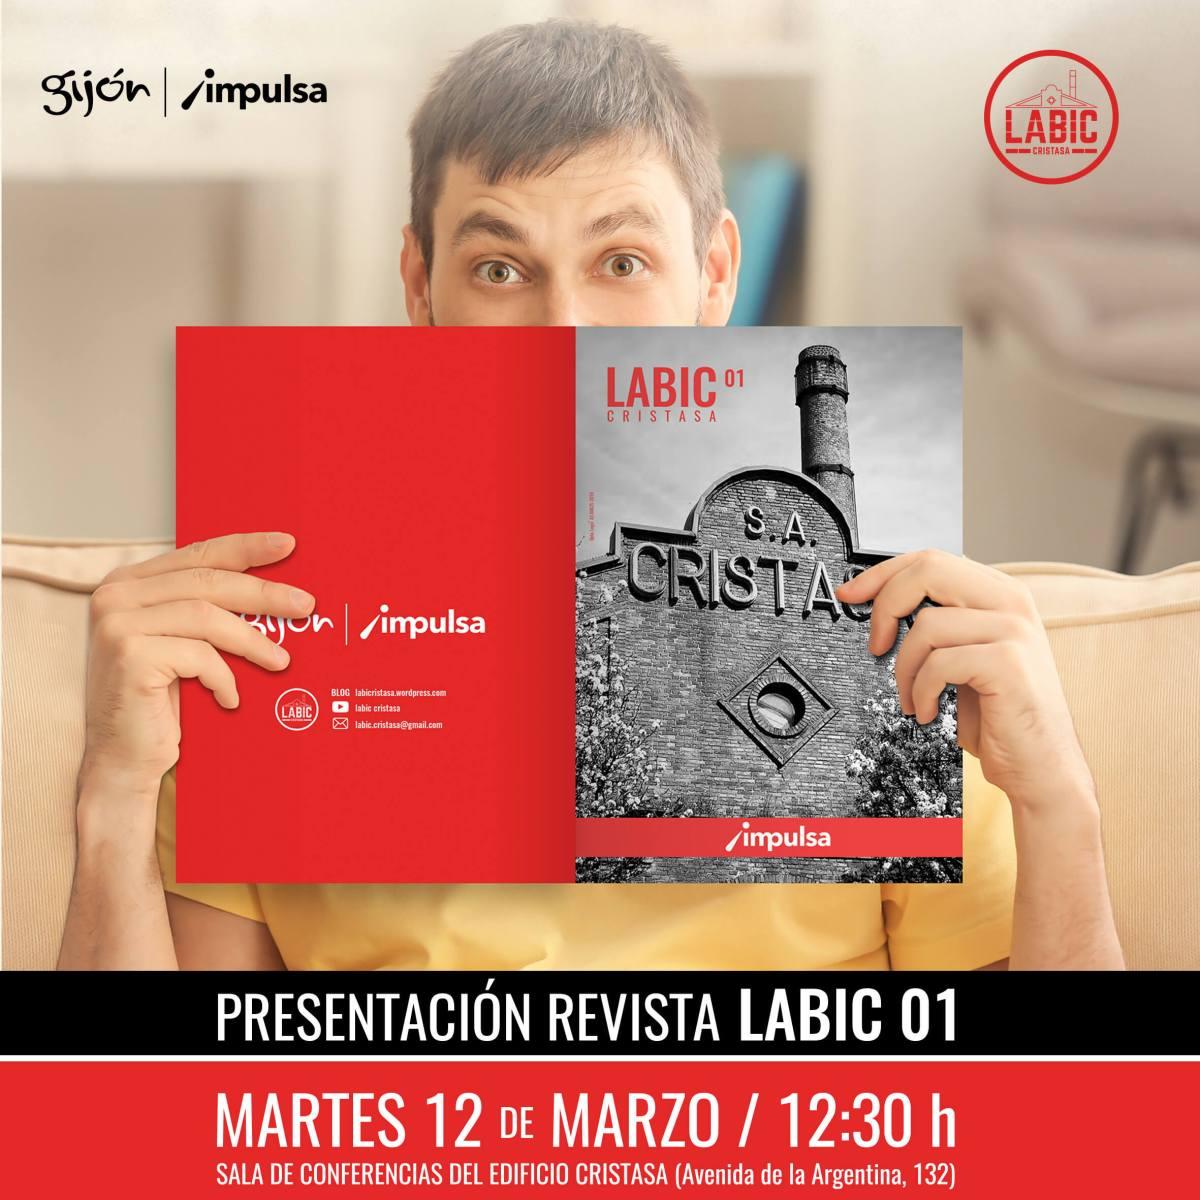 Presentación Revista LABIC Cristasa Impulsa Gijón